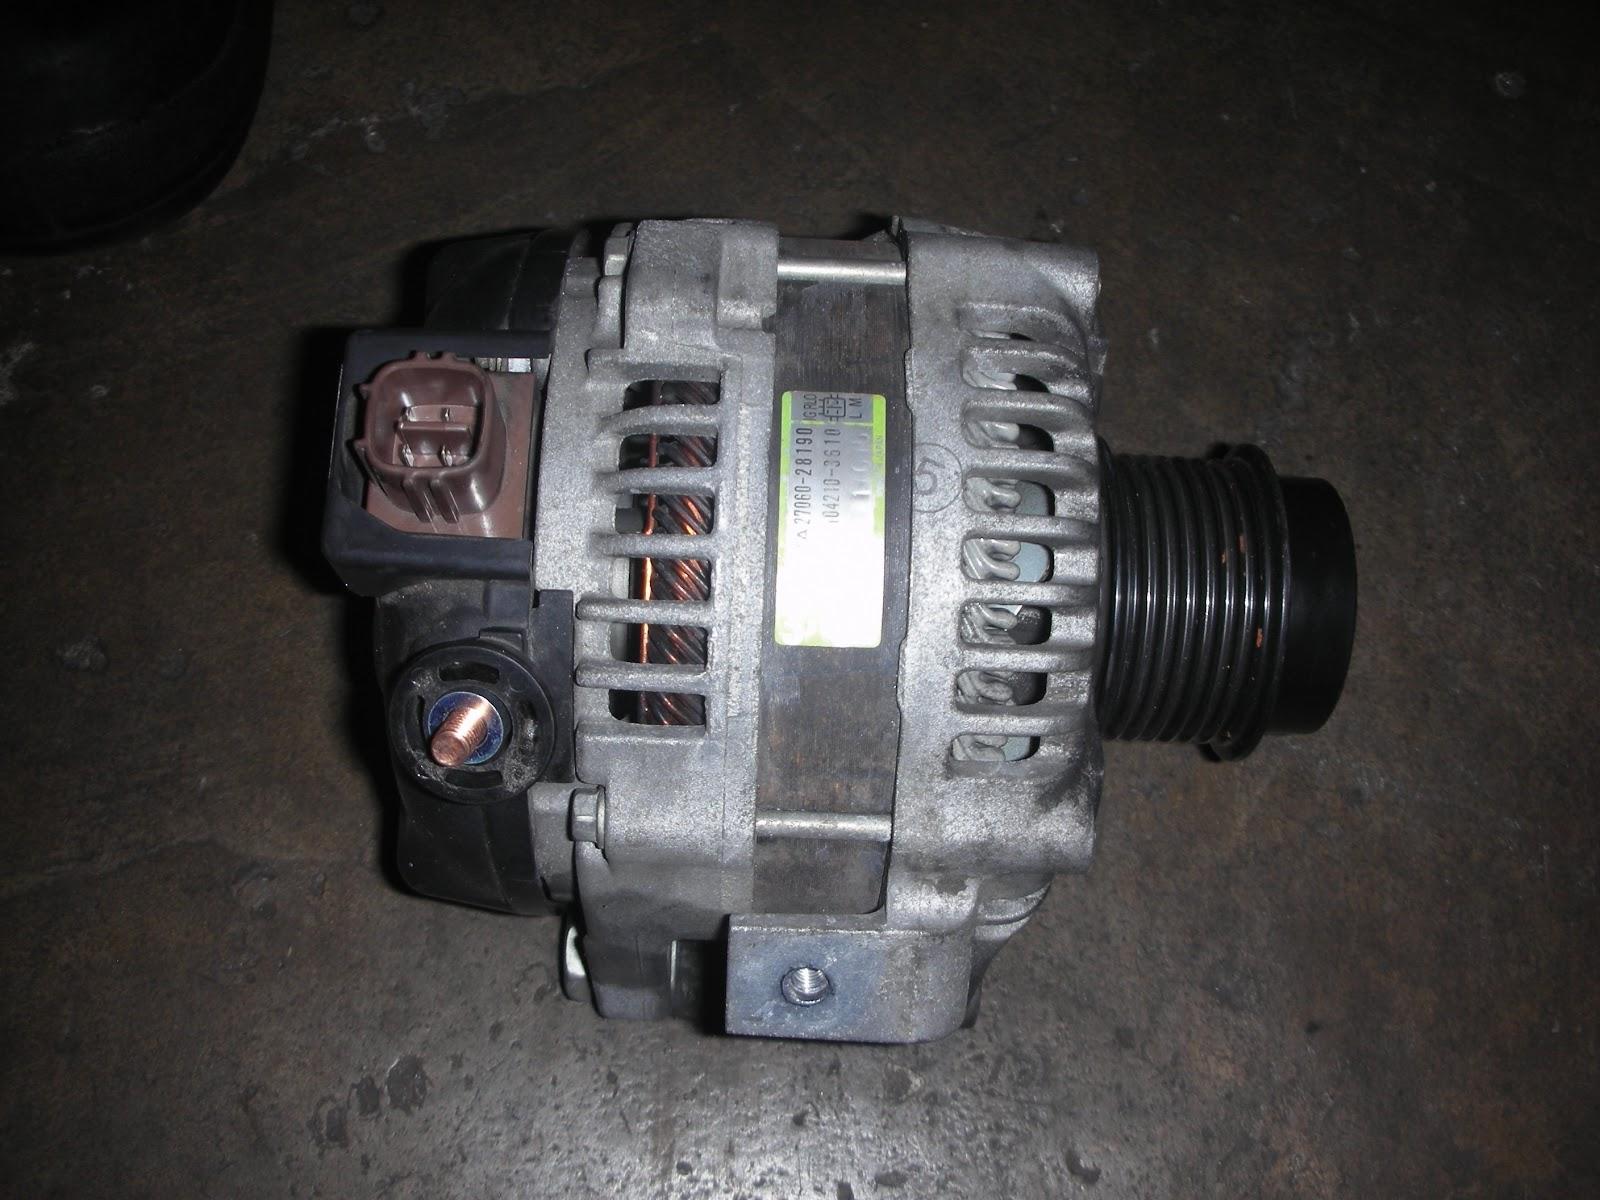 Automotive Spare Parts Best Deal Item Offer Part 5